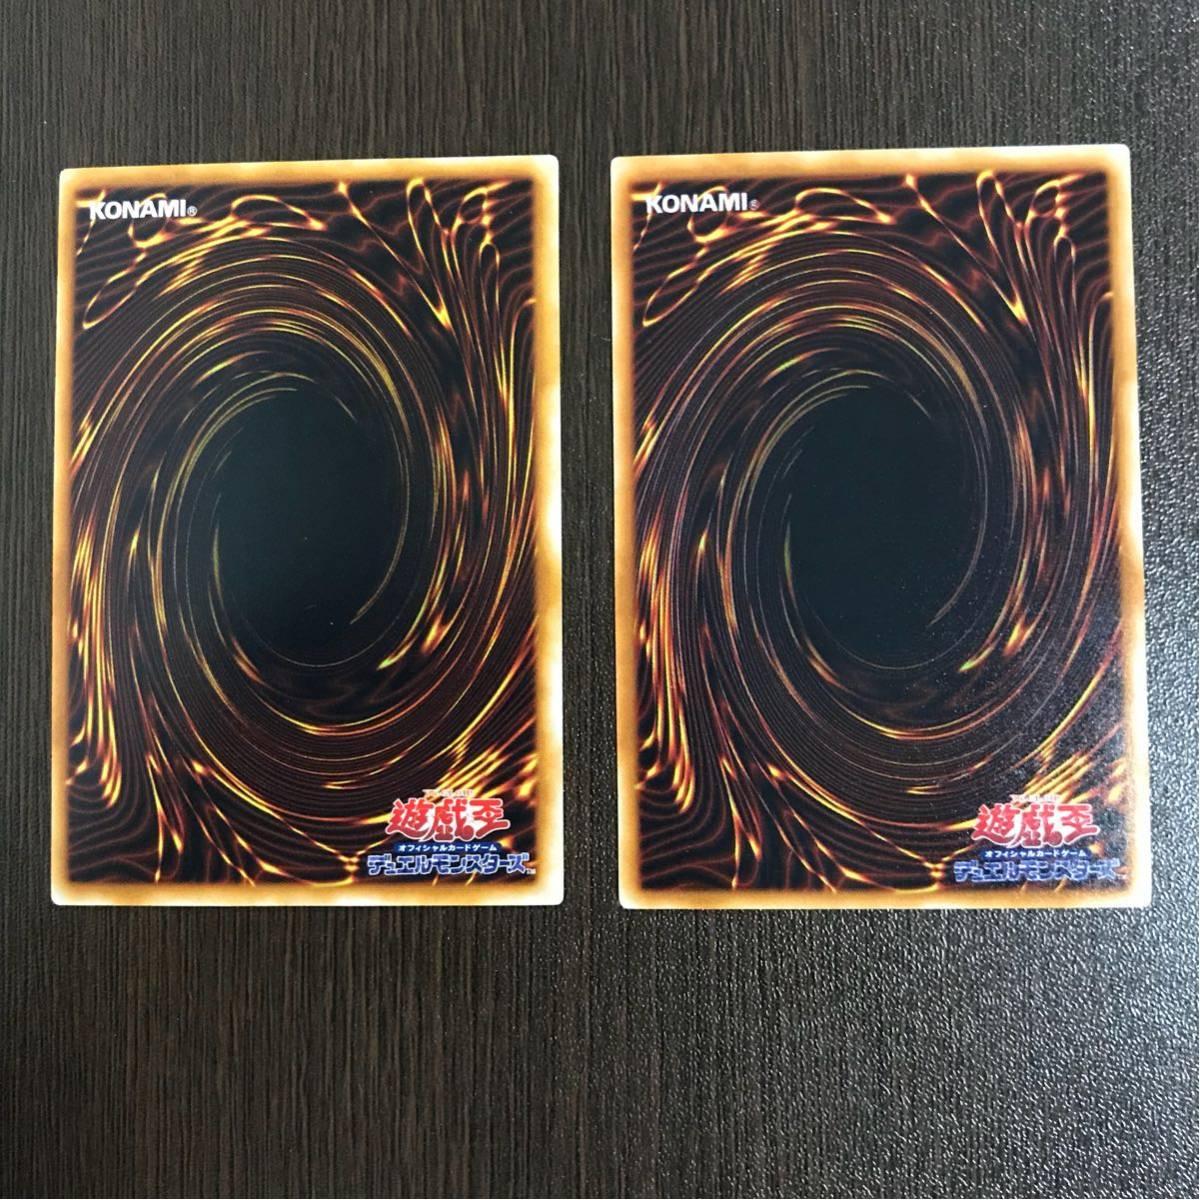 遊戯王 美品 劇場版 スターターボックス 限定5000枚 5枚セット_画像3